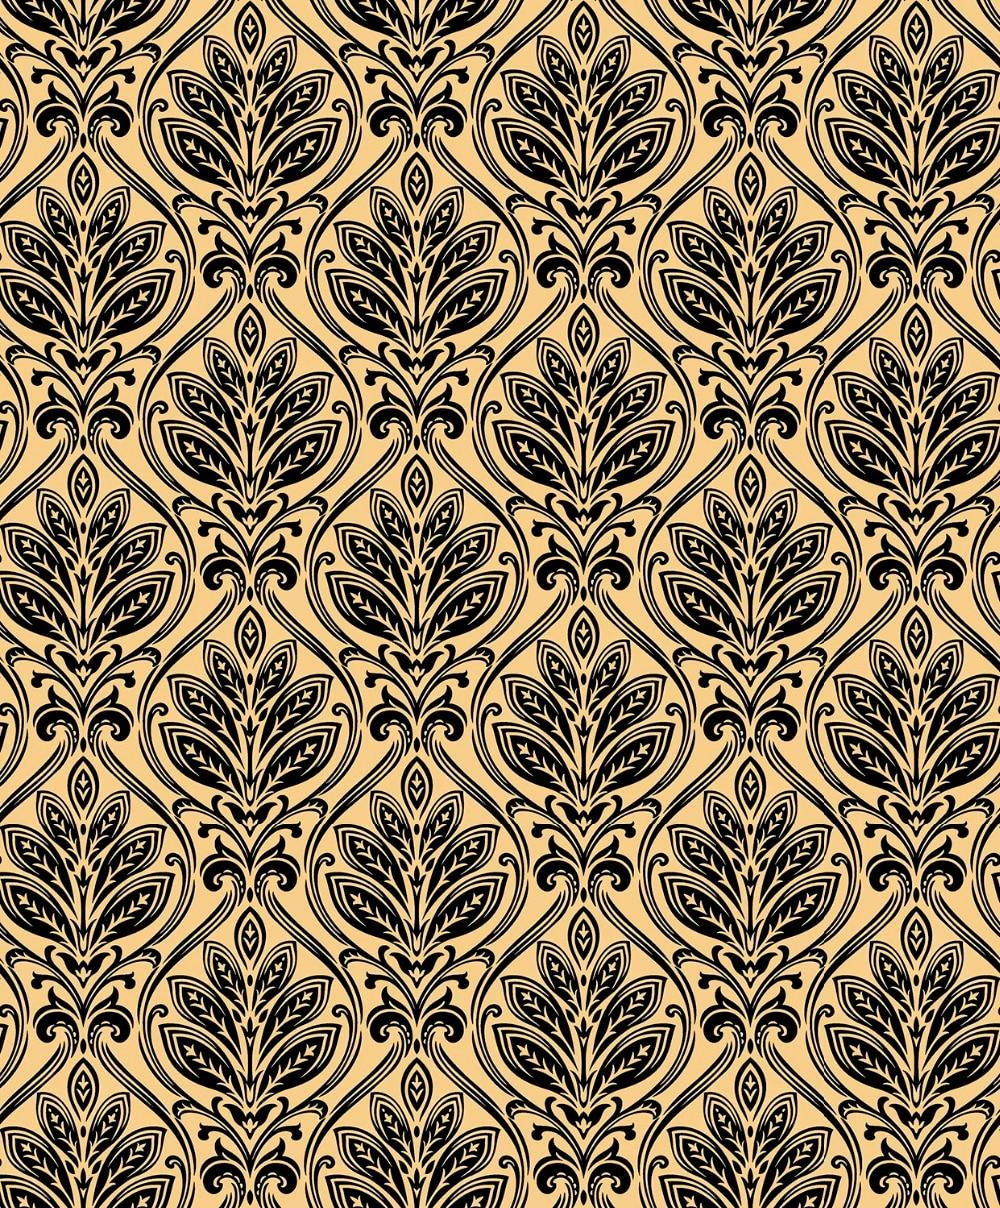 Luxury Black Velvet Flocked Classic Damask Champagne Gold Wallpaper Roll black and white damask wallpaper rolls velvet flocked textured victorian decor